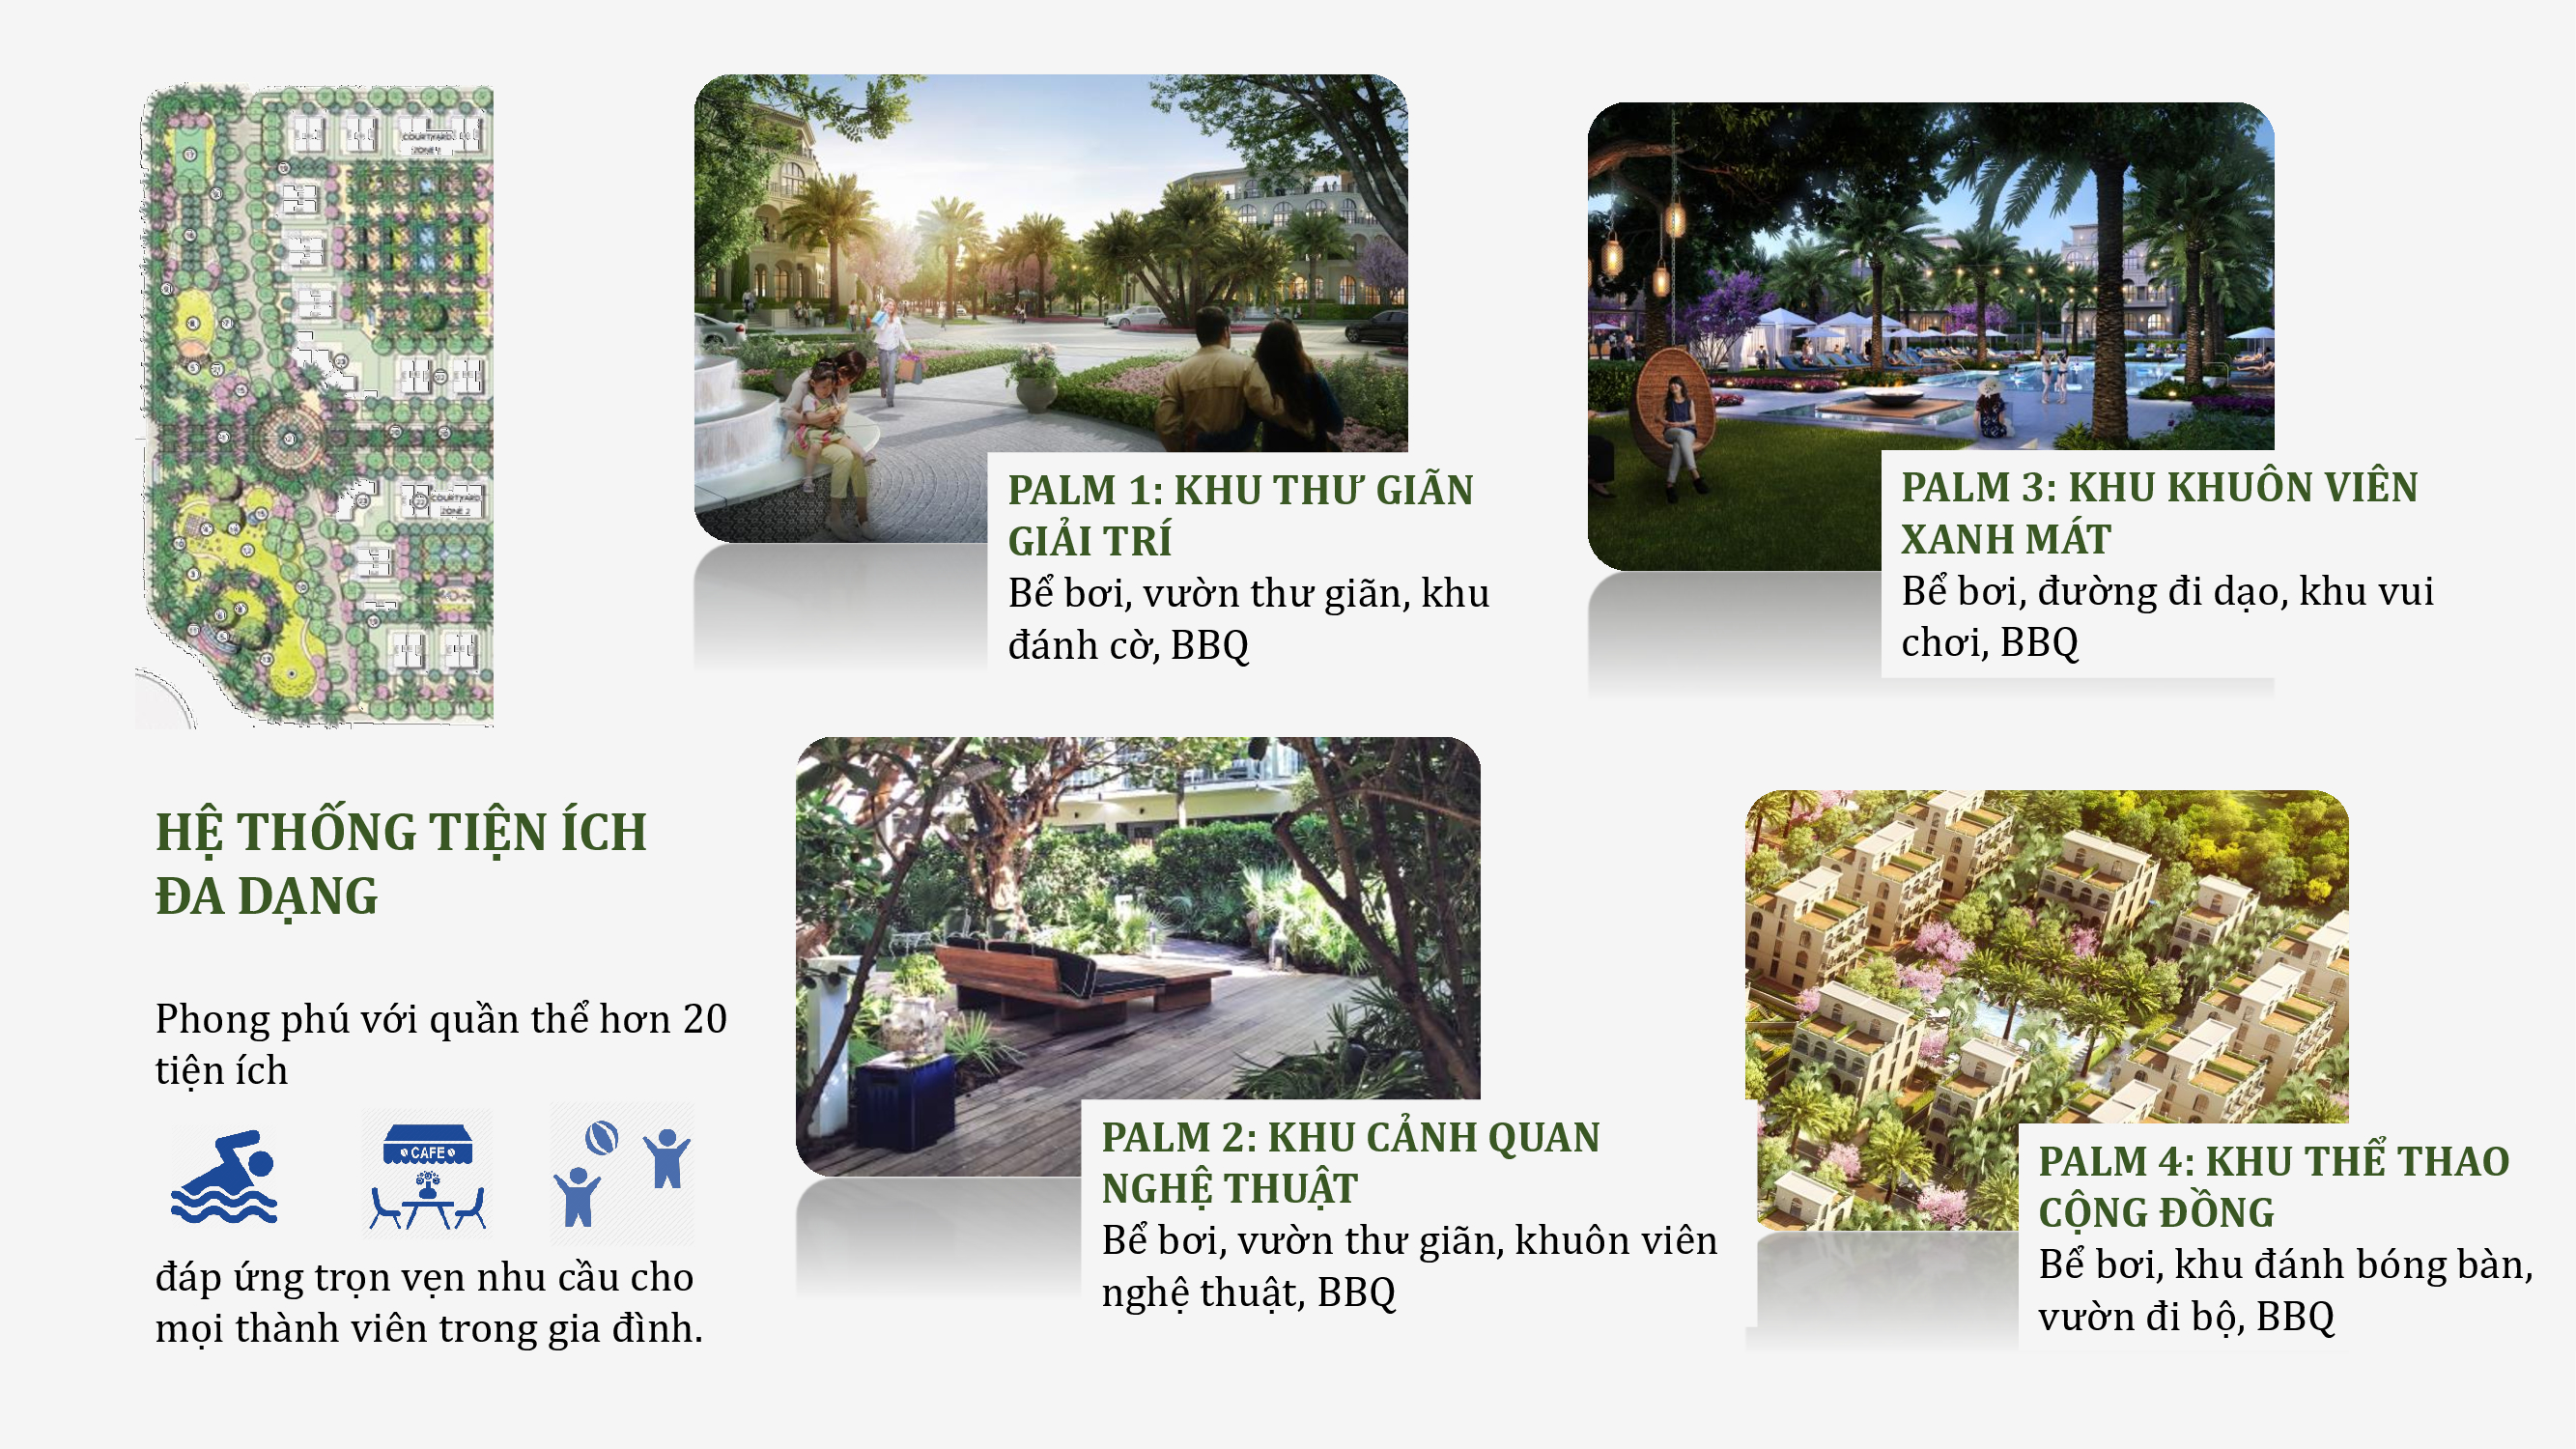 Hệ thống tiện ích Palm Garden Shop Villas Phu Quoc